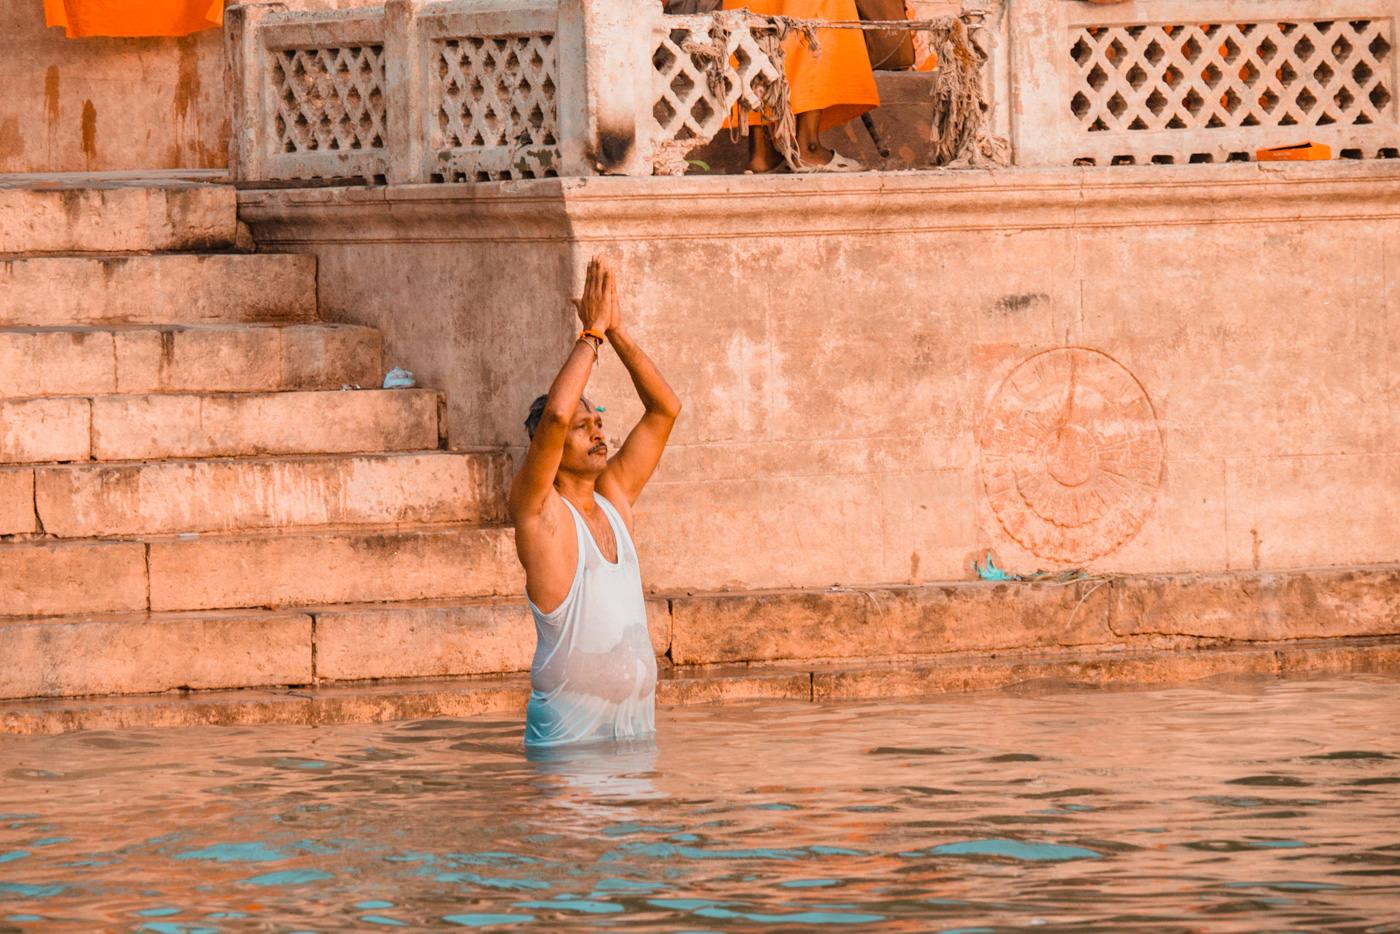 Baden im heiligen Ganges, Varanasi, Indien